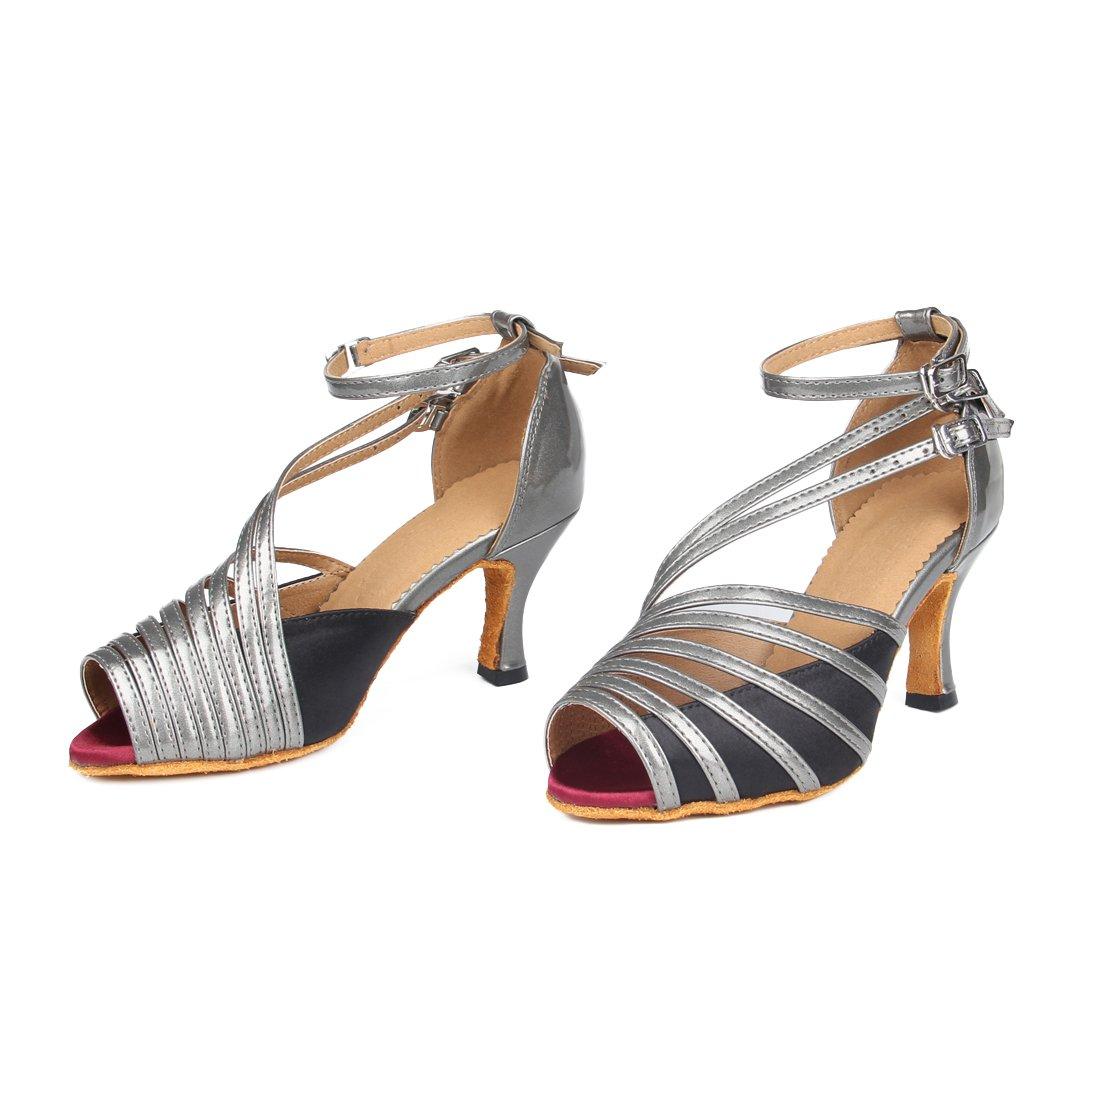 [Lanpet] 2017ダンス靴の女性サテンサルサラテンタンゴ社交ダンスクラス靴ハイヒールs31 B01I2PHCIM 6.5|Grey 2.95